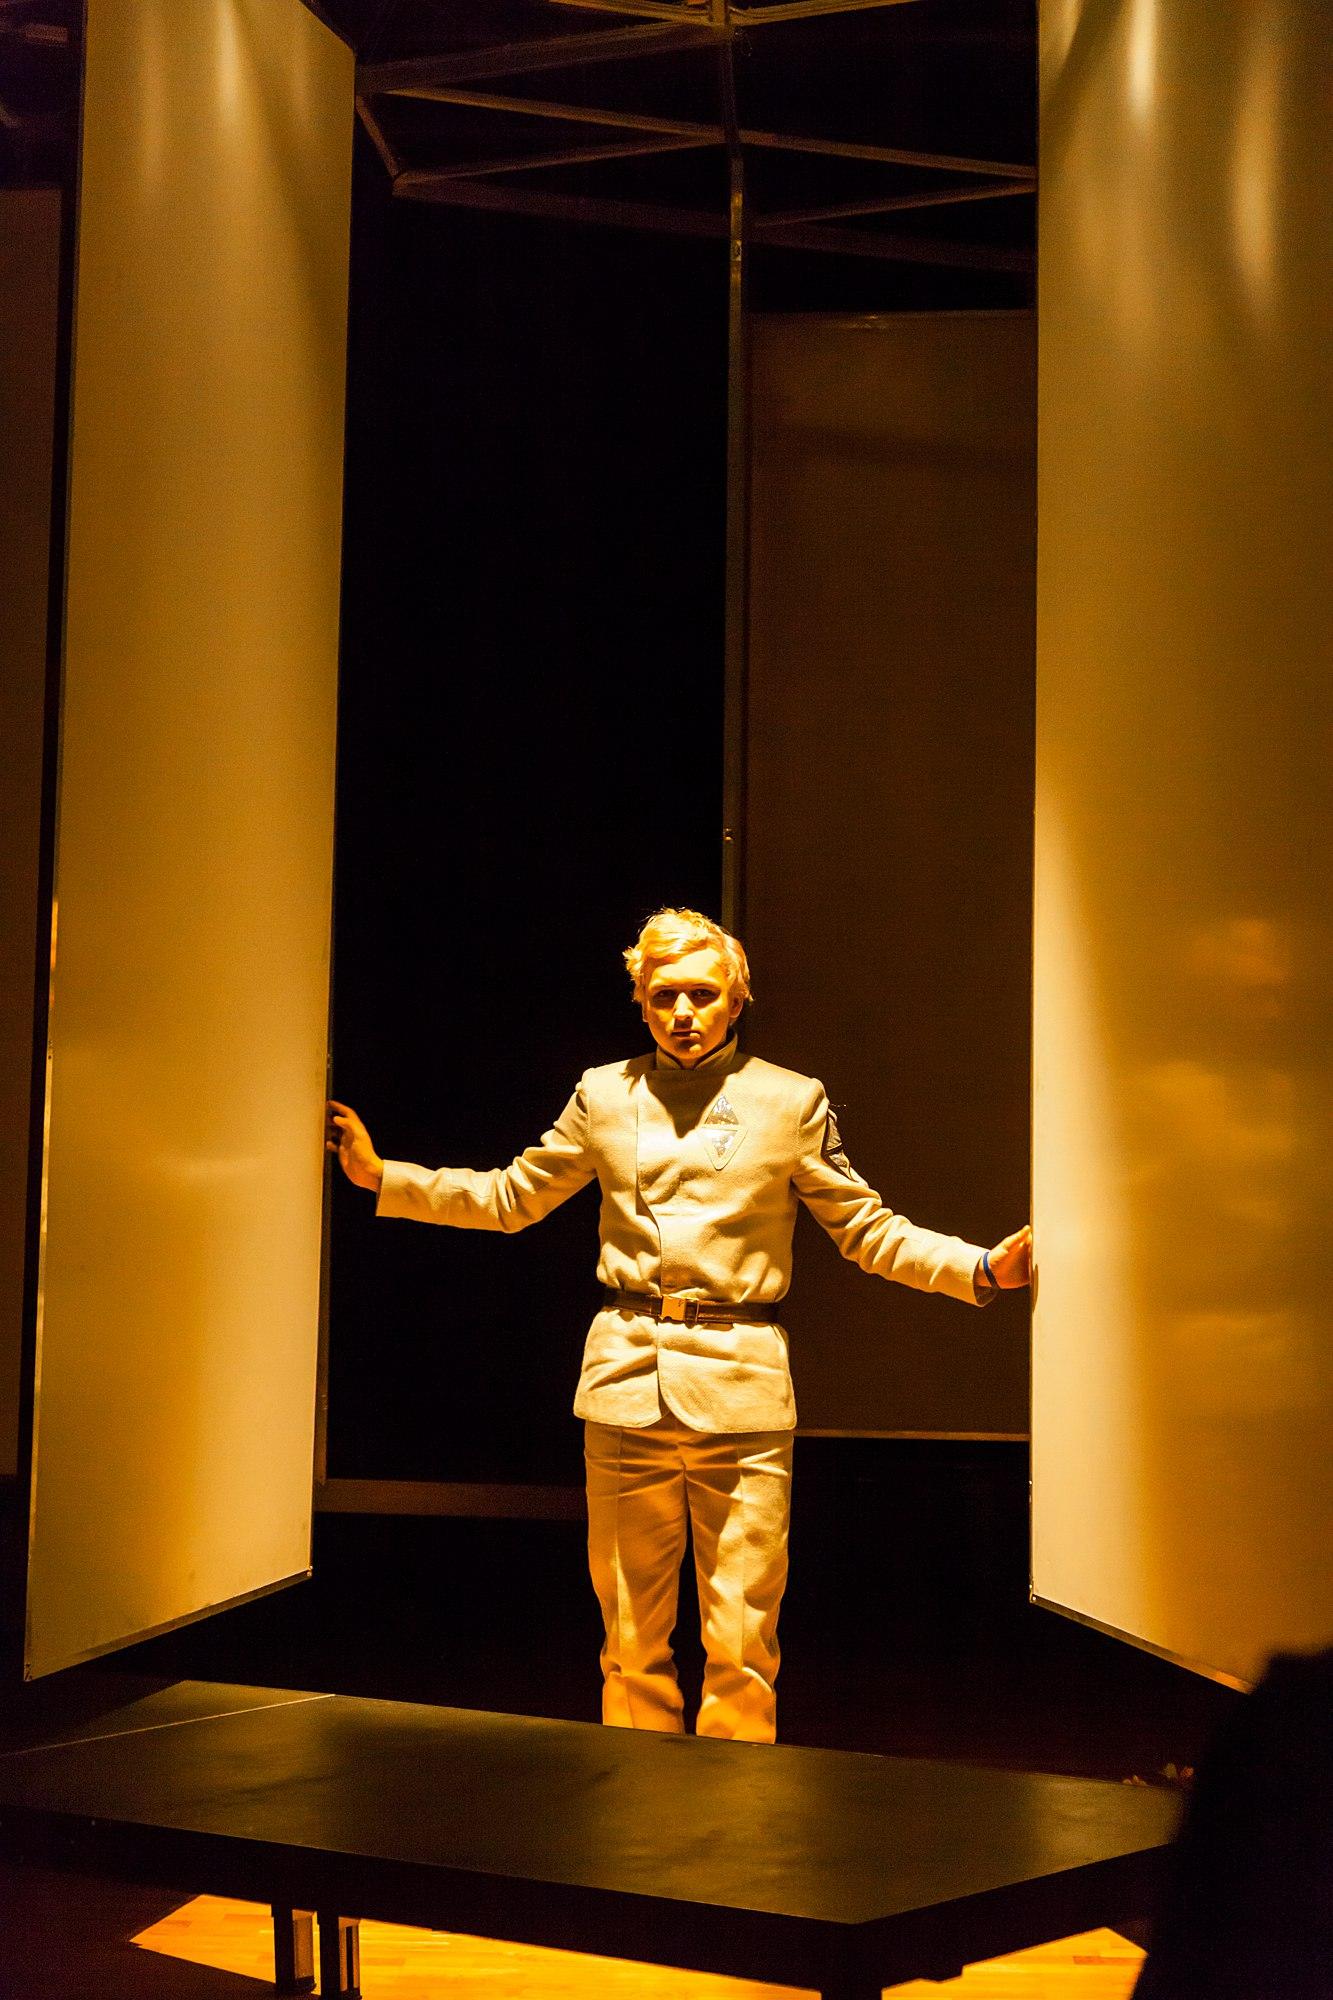 """Фантастическая пьеса """"АркАзак"""". Город будущих людей. Пьеса о судьбе человечества, его выборе и ответственности каждого из нас за будущее, в котором будут жить наши дети."""